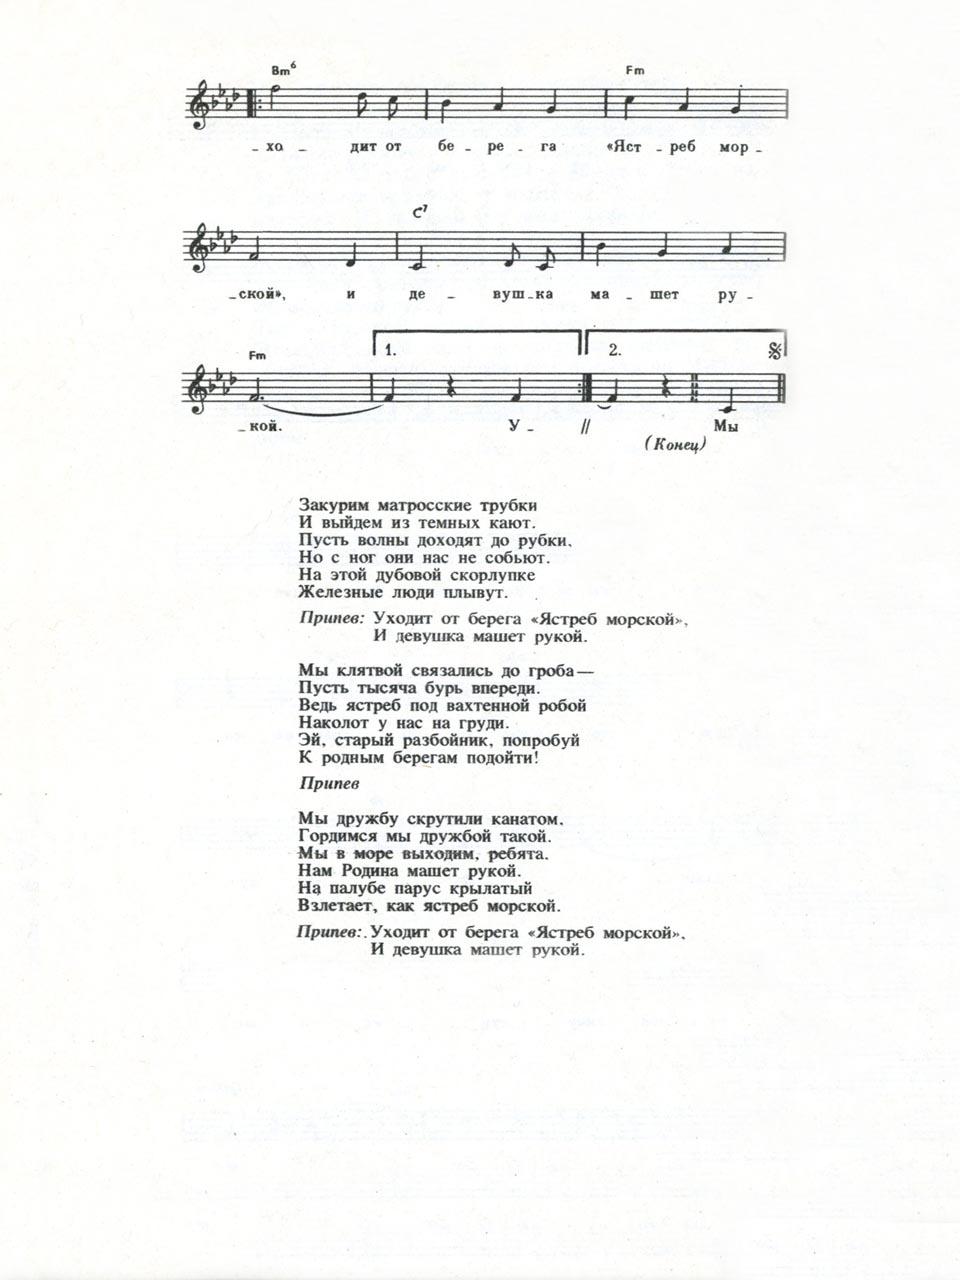 Ю. Милютин, Е. Долматовский. Песня «Морской ястреб». Ноты для голоса и аккорды